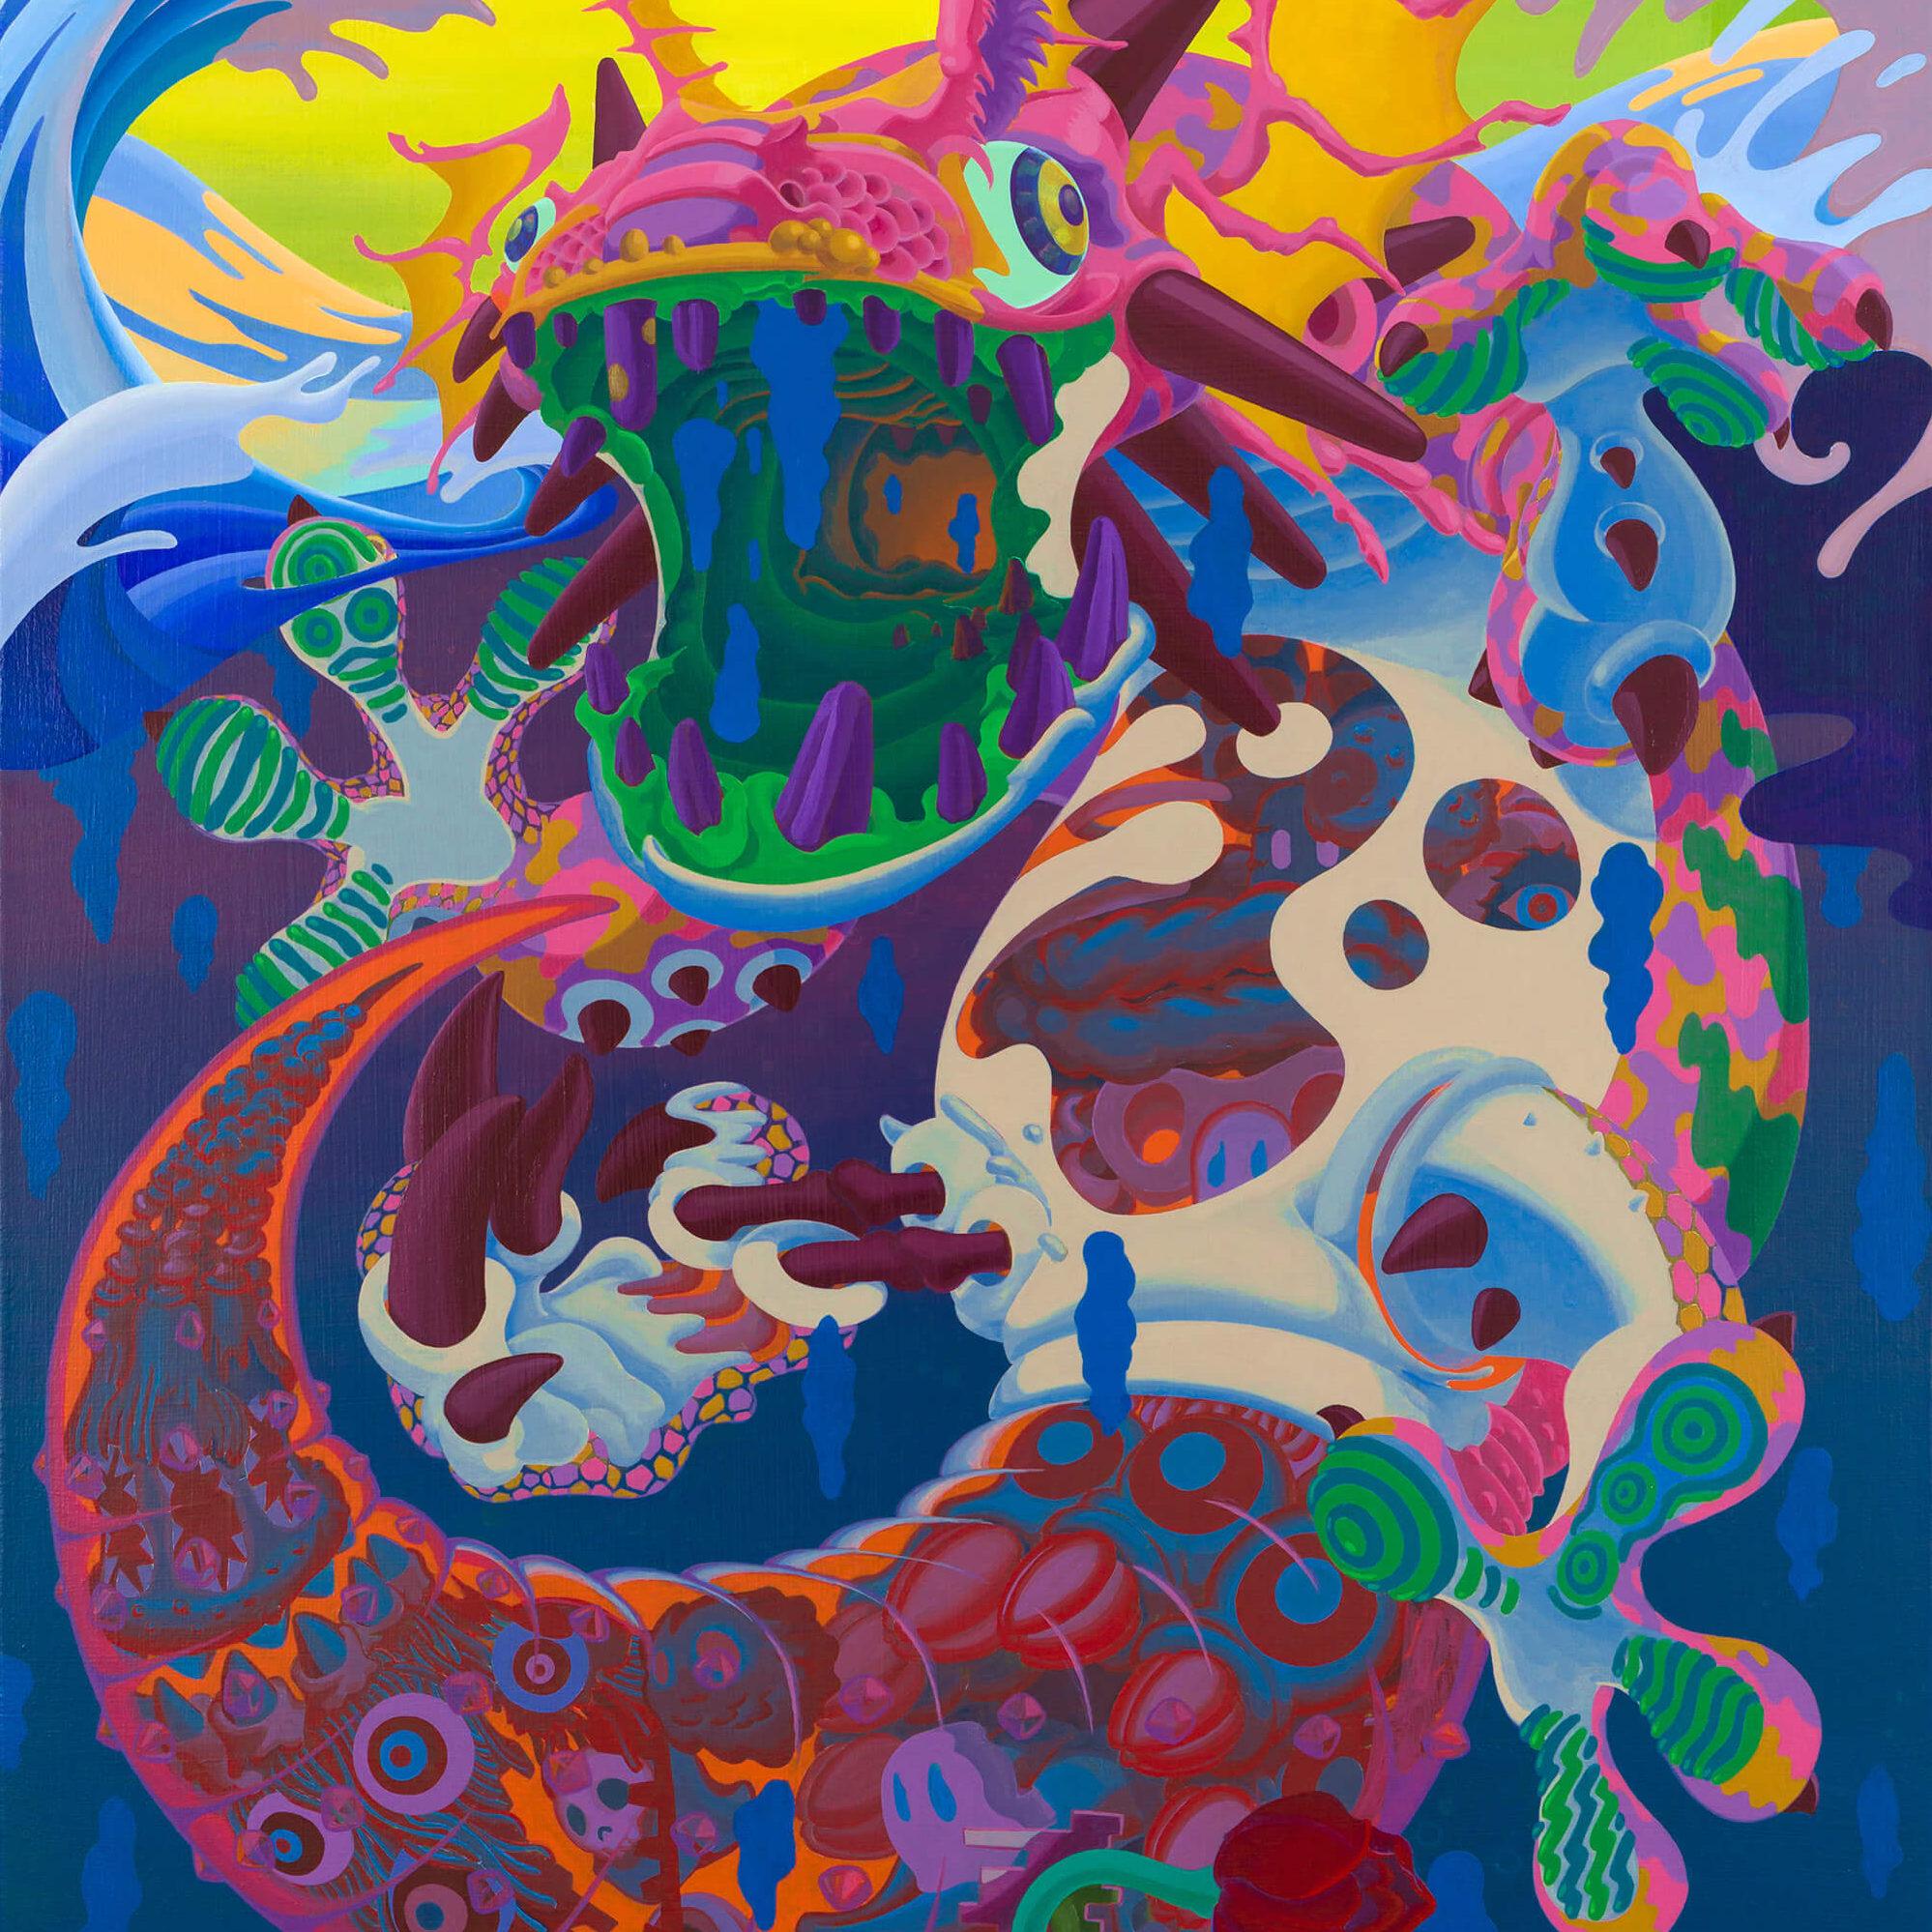 星の家守 -King Gecko- | Acrylic on canvas 1000×803 (mm) 2020